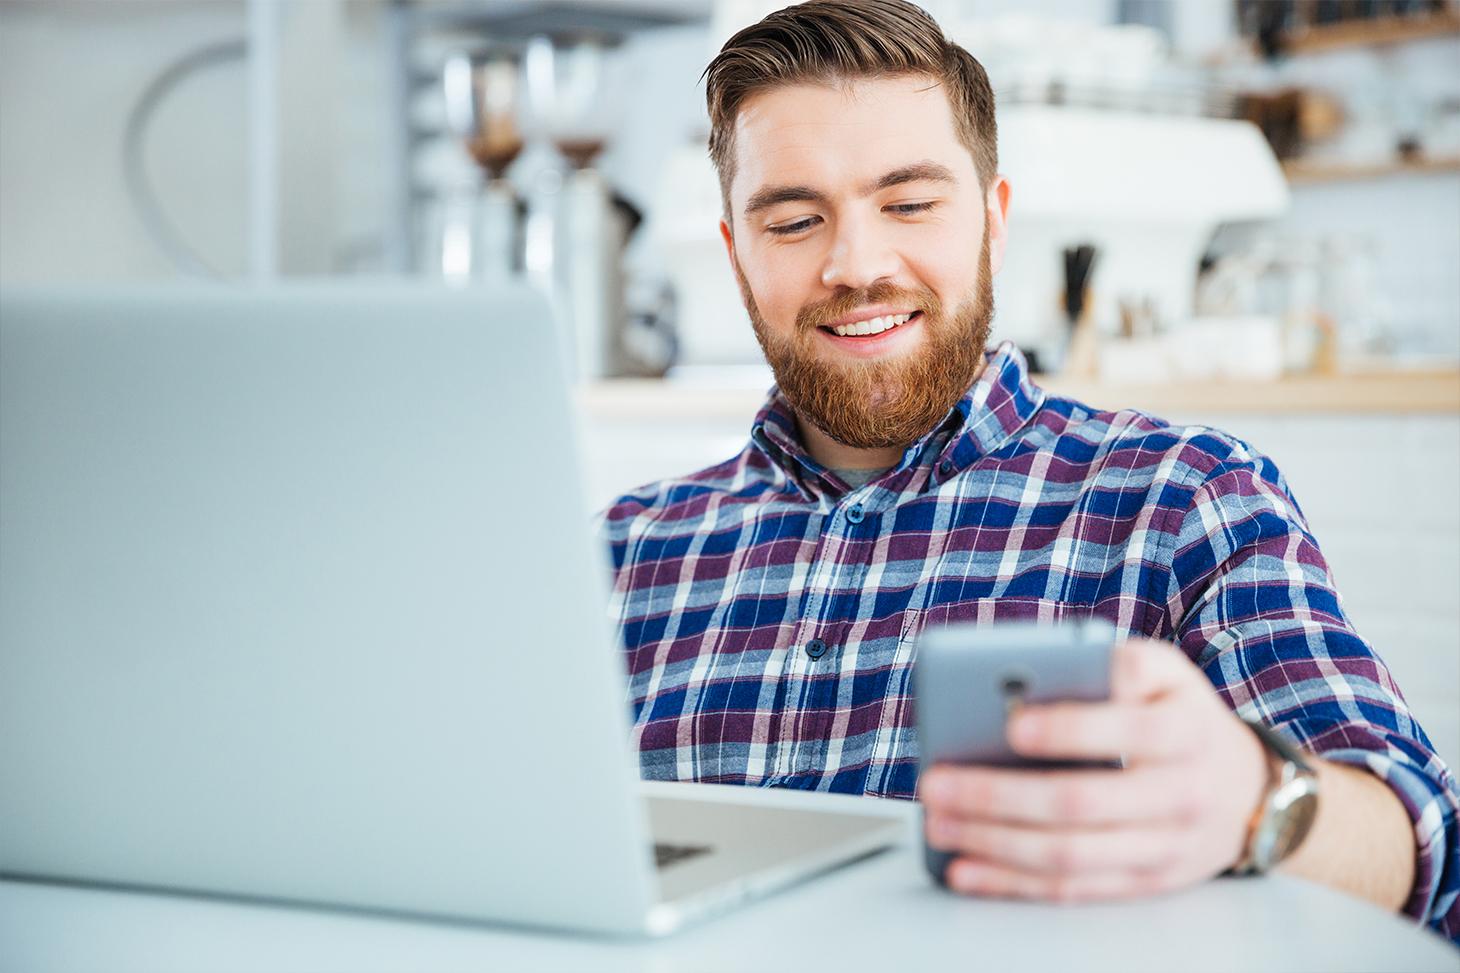 Un étudiant consulte son emploi du temps depuis son smartphone et son ordinateur portable